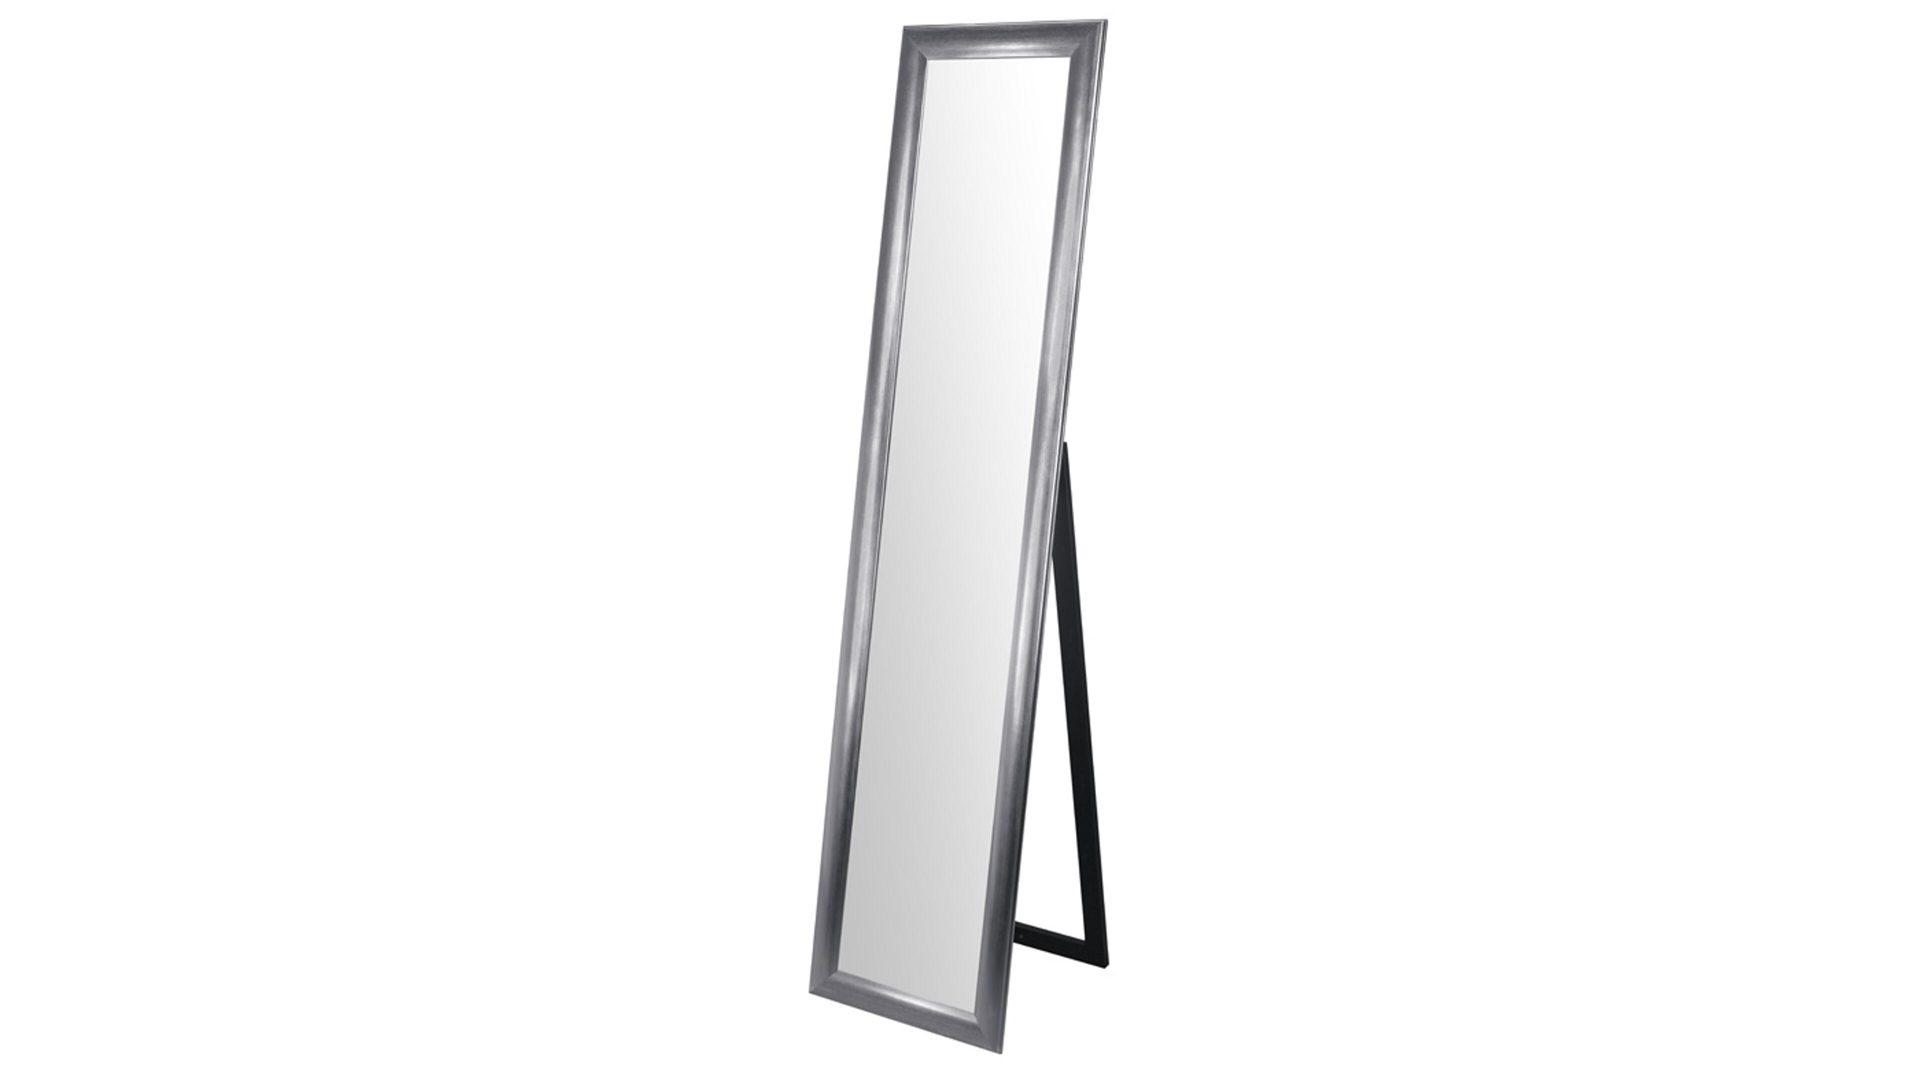 Len Für Hohe Räume wohnland breitwieser räume schlafzimmer spiegel standspiegel